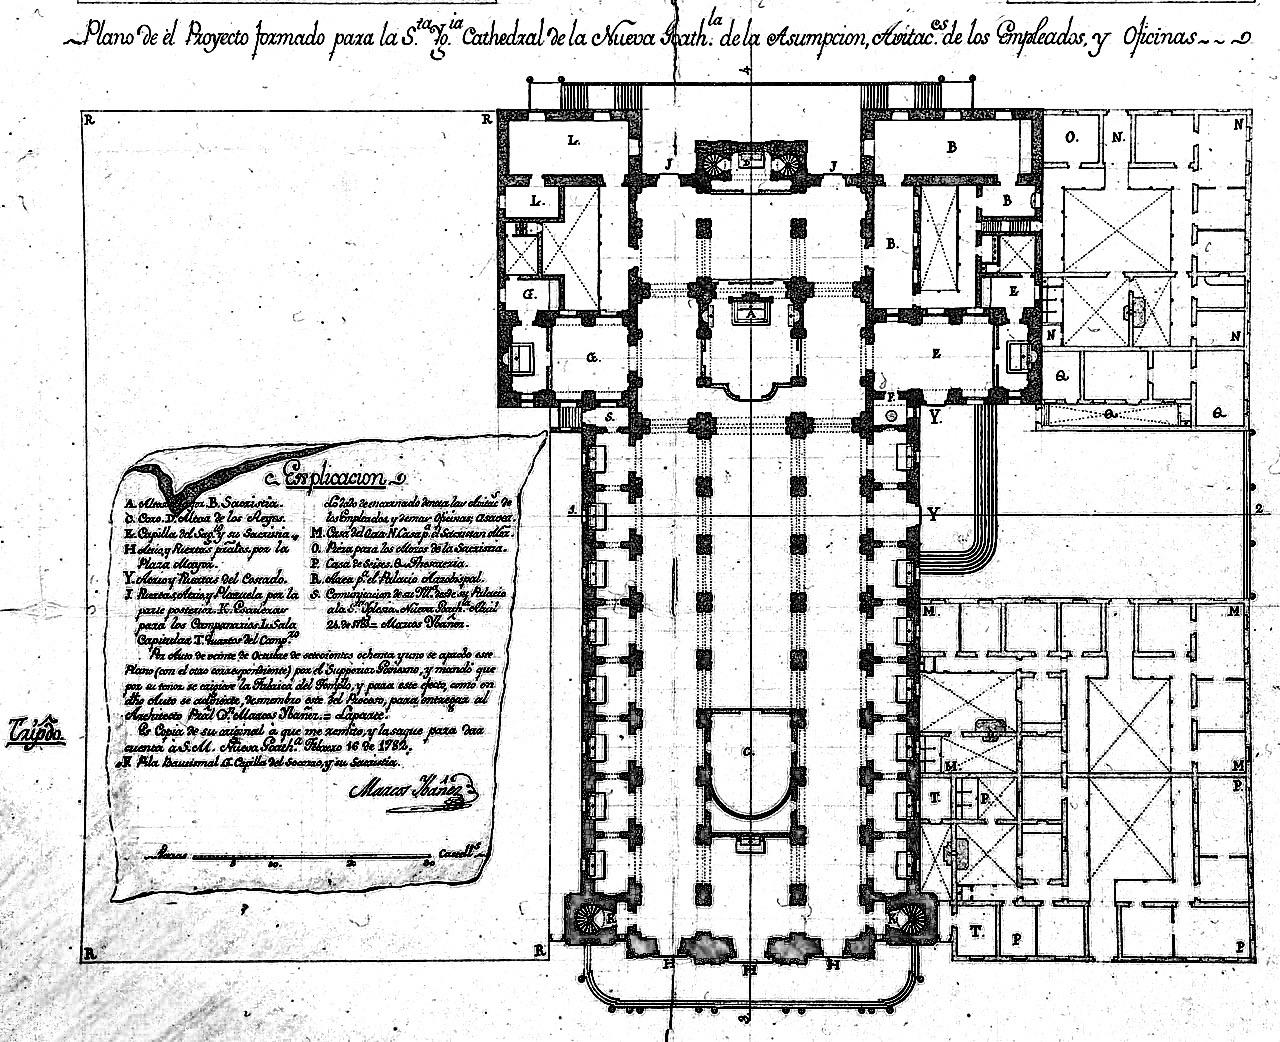 Plano original de la nueva catedral de Guatemala presentado a Francos y Monroy.